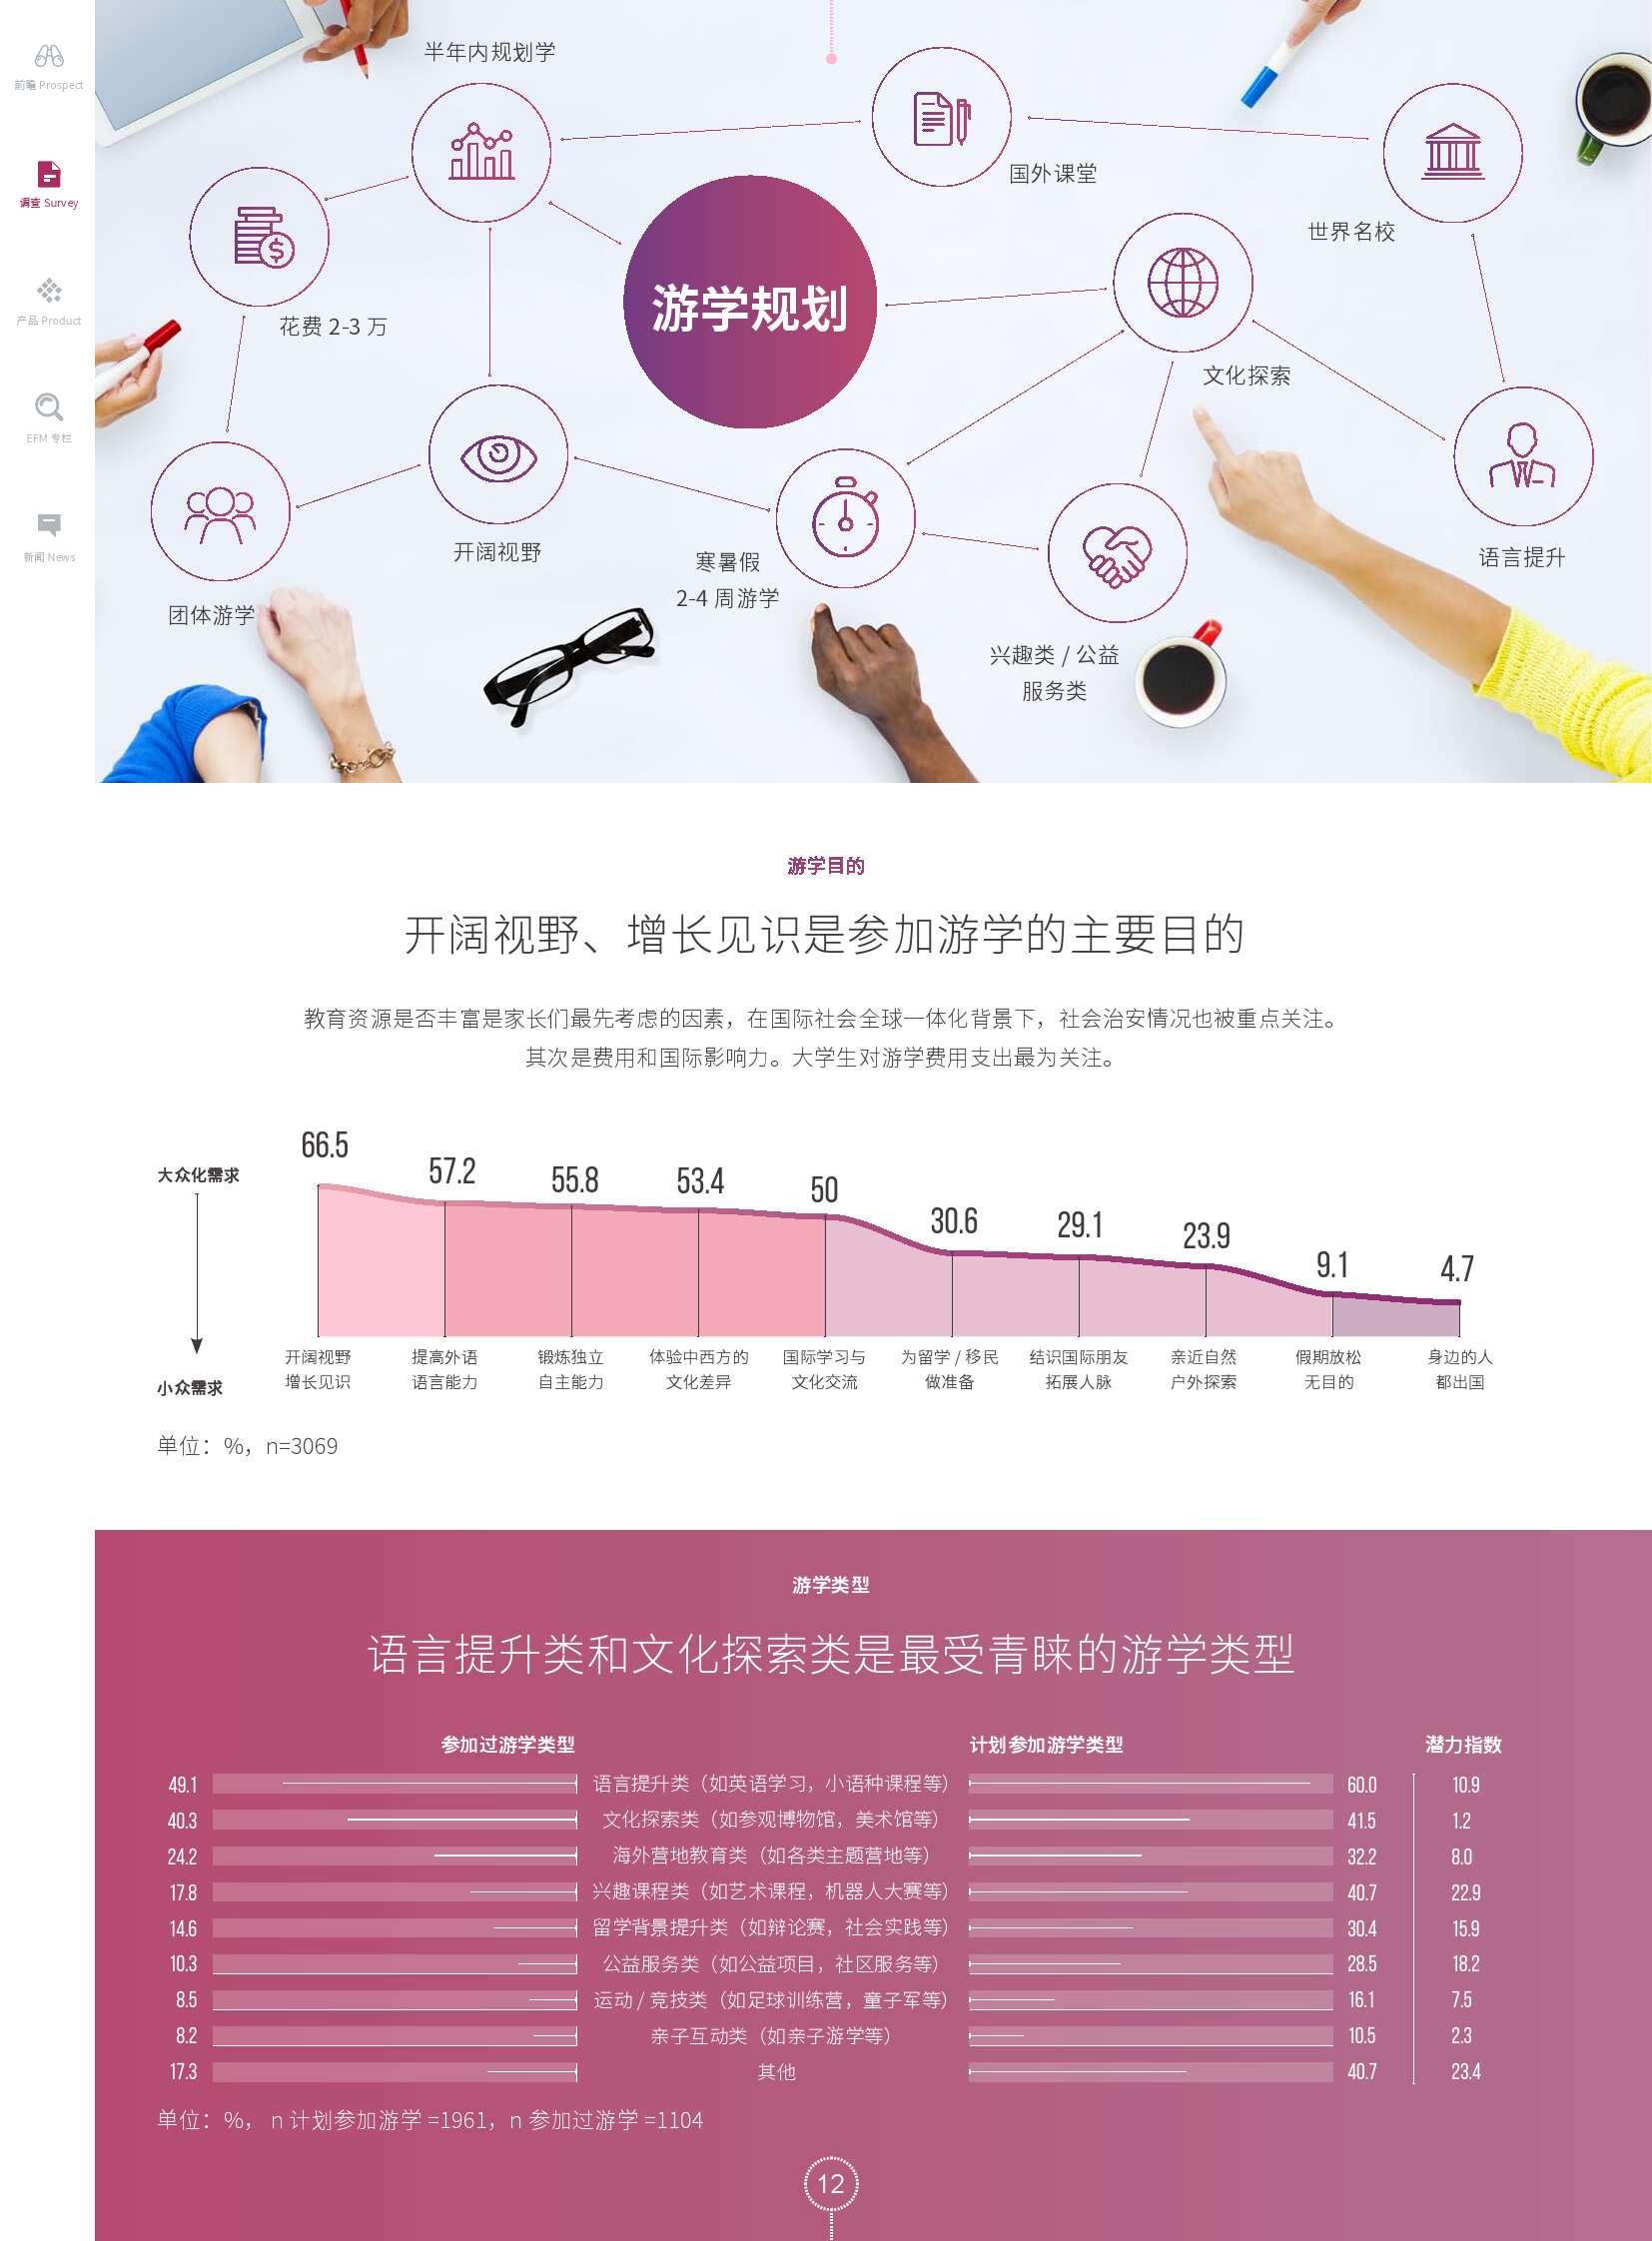 2016中国食品&饮料趋势及消费者洞察_000013